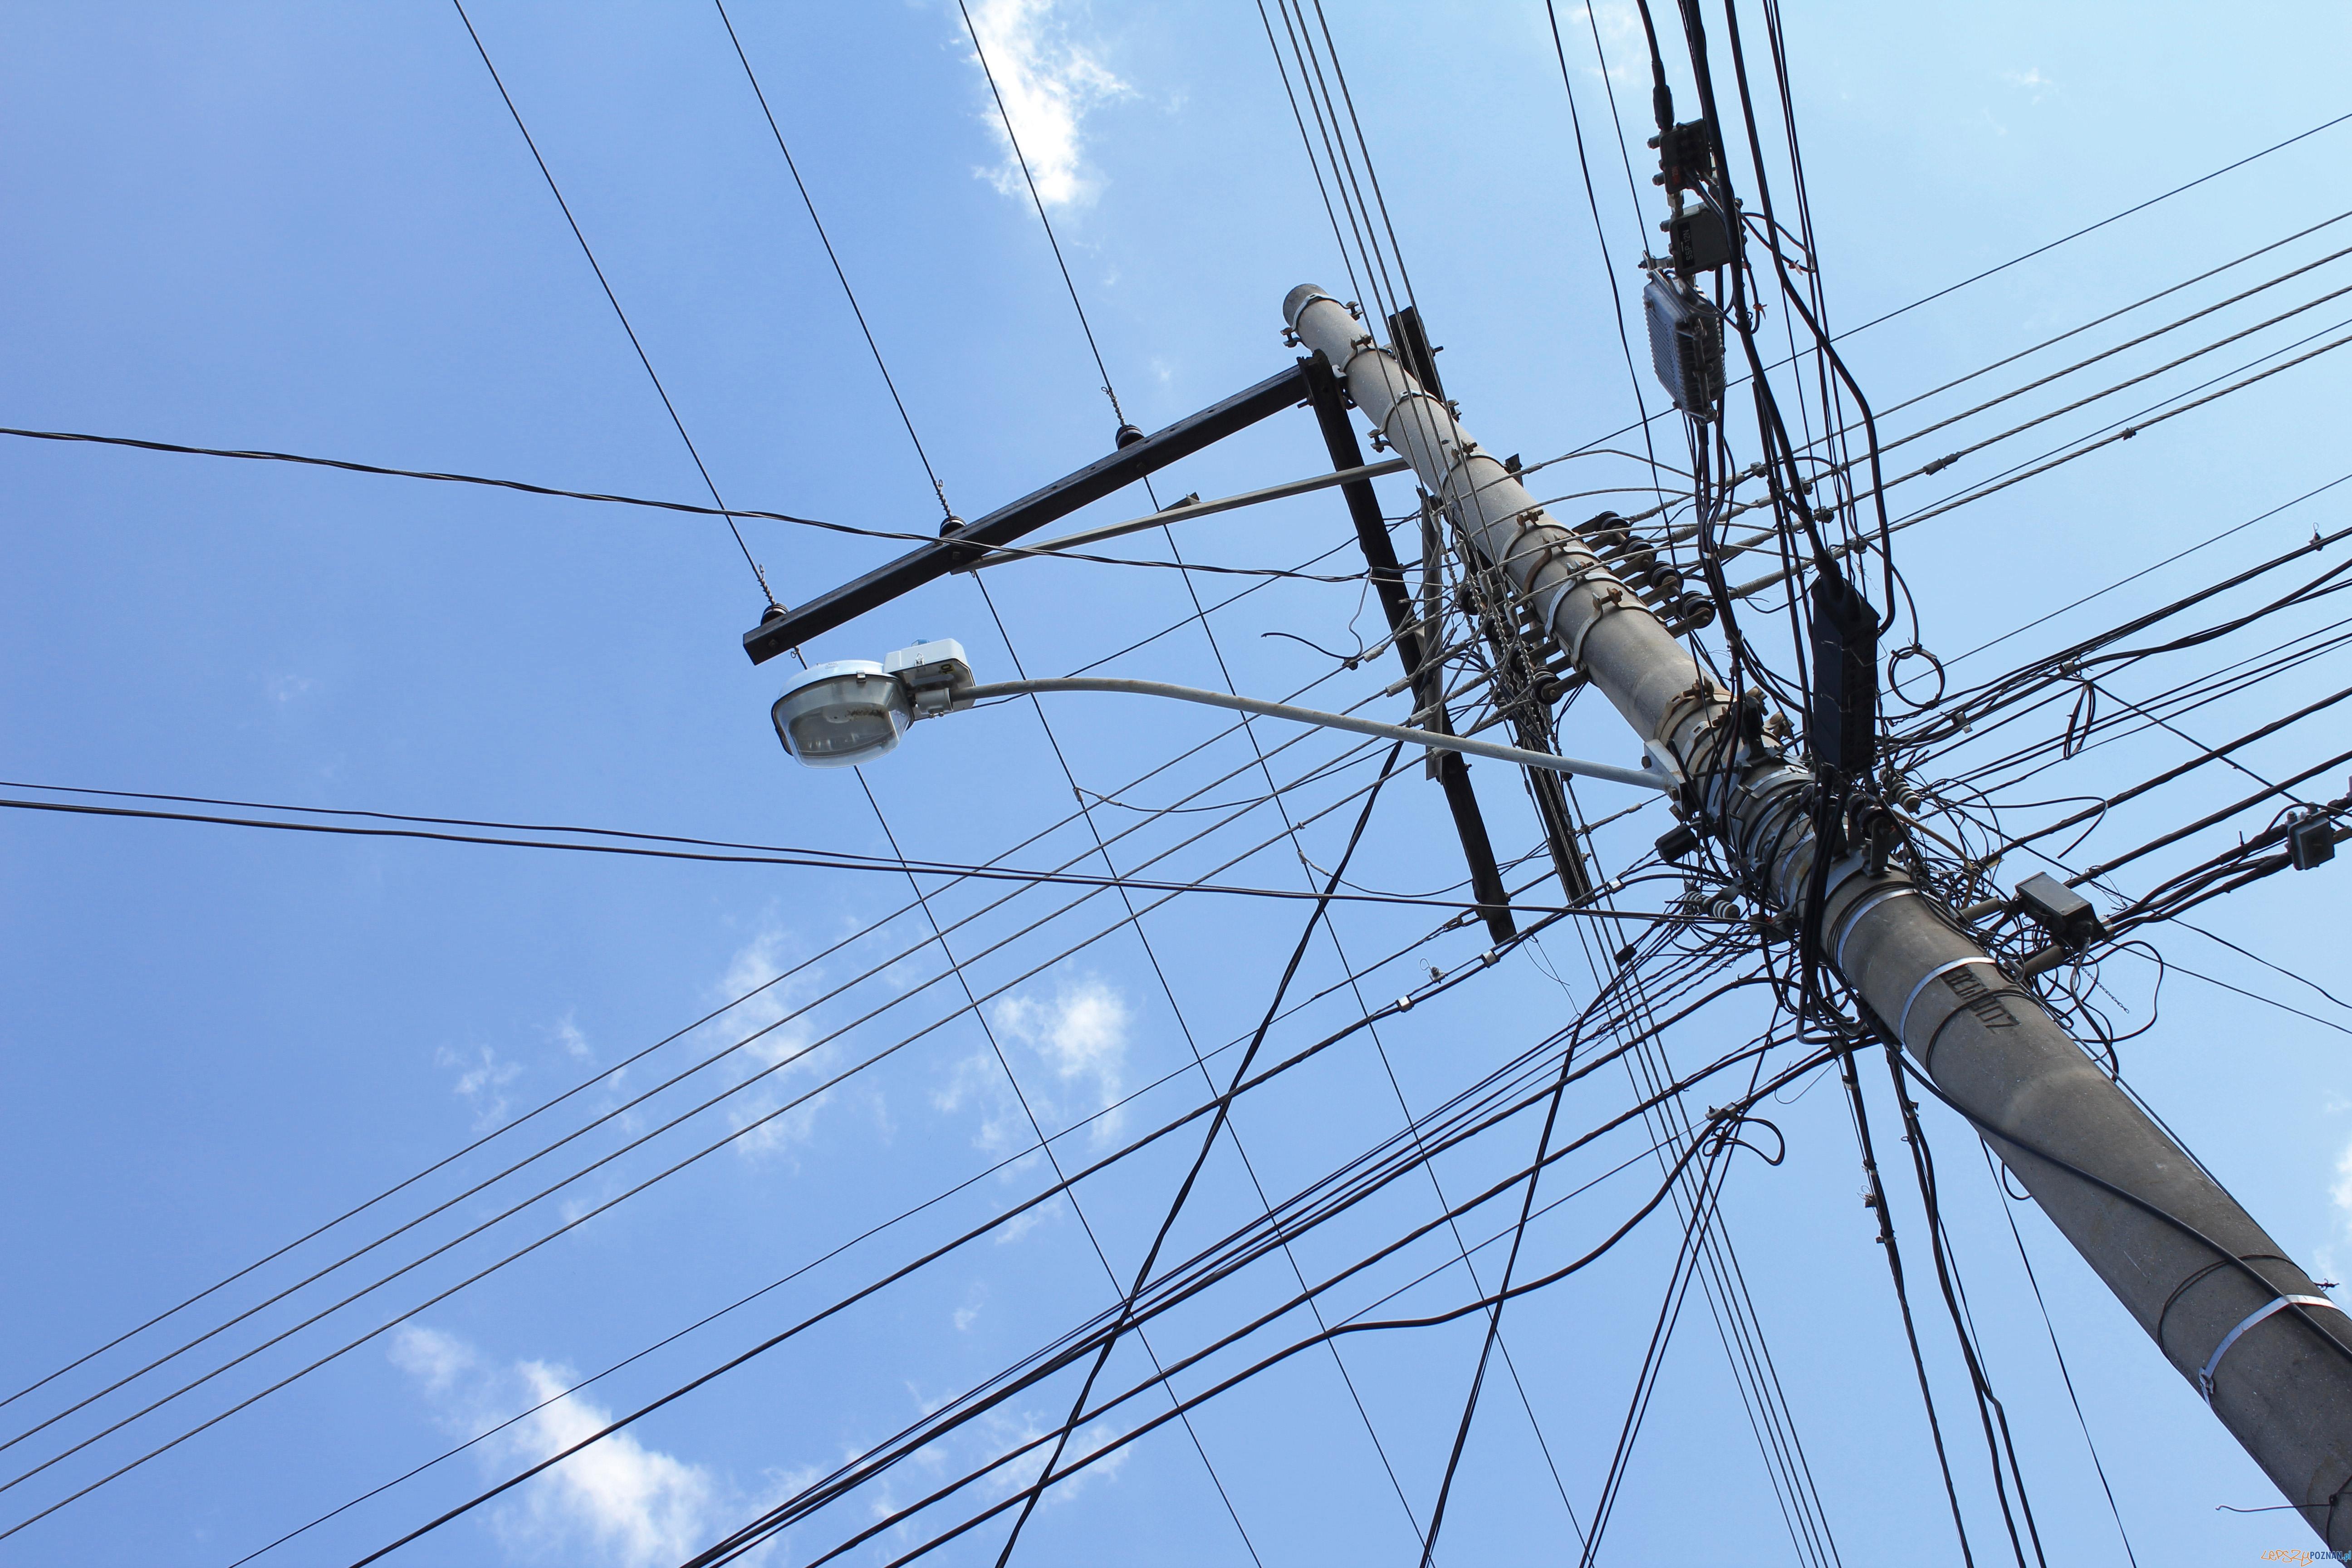 Linie energetyczne  Foto: sxc.hu / Ale Paiva